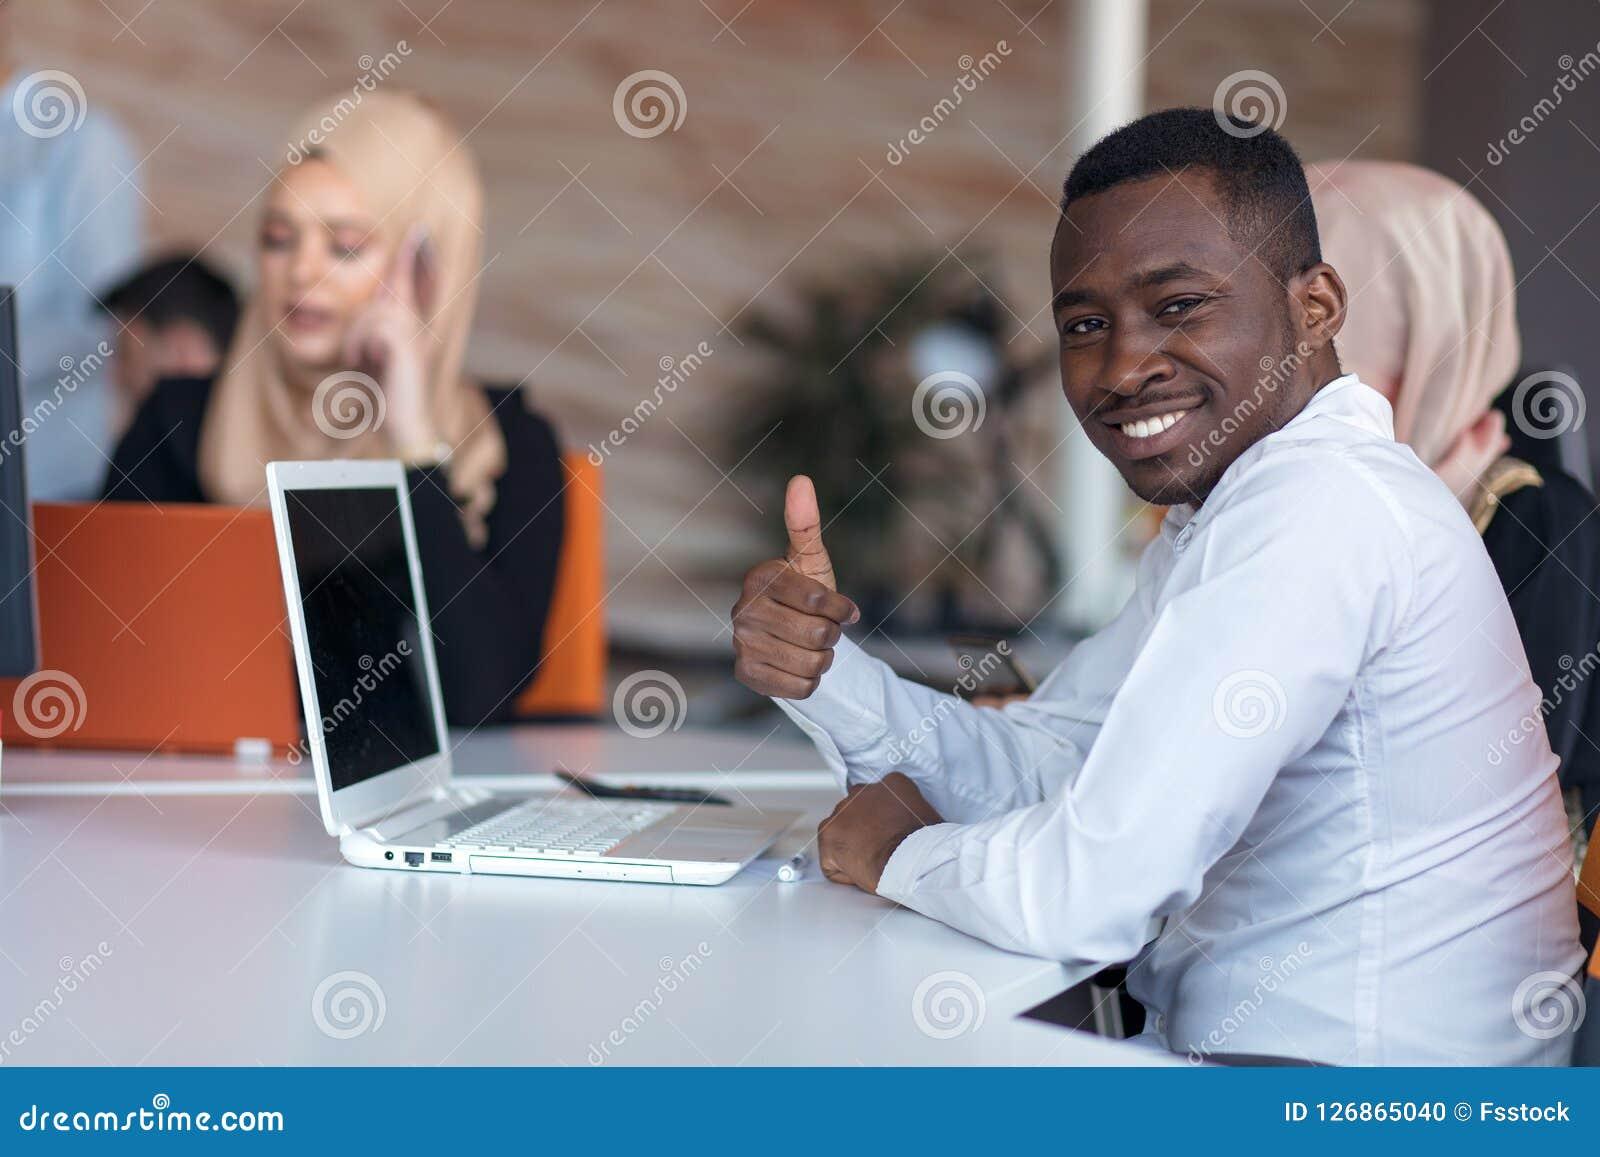 Los hombres de negocios de lanzamiento agrupan trabajo diario de trabajo en la oficina moderna Oficina de la tecnología, compañía